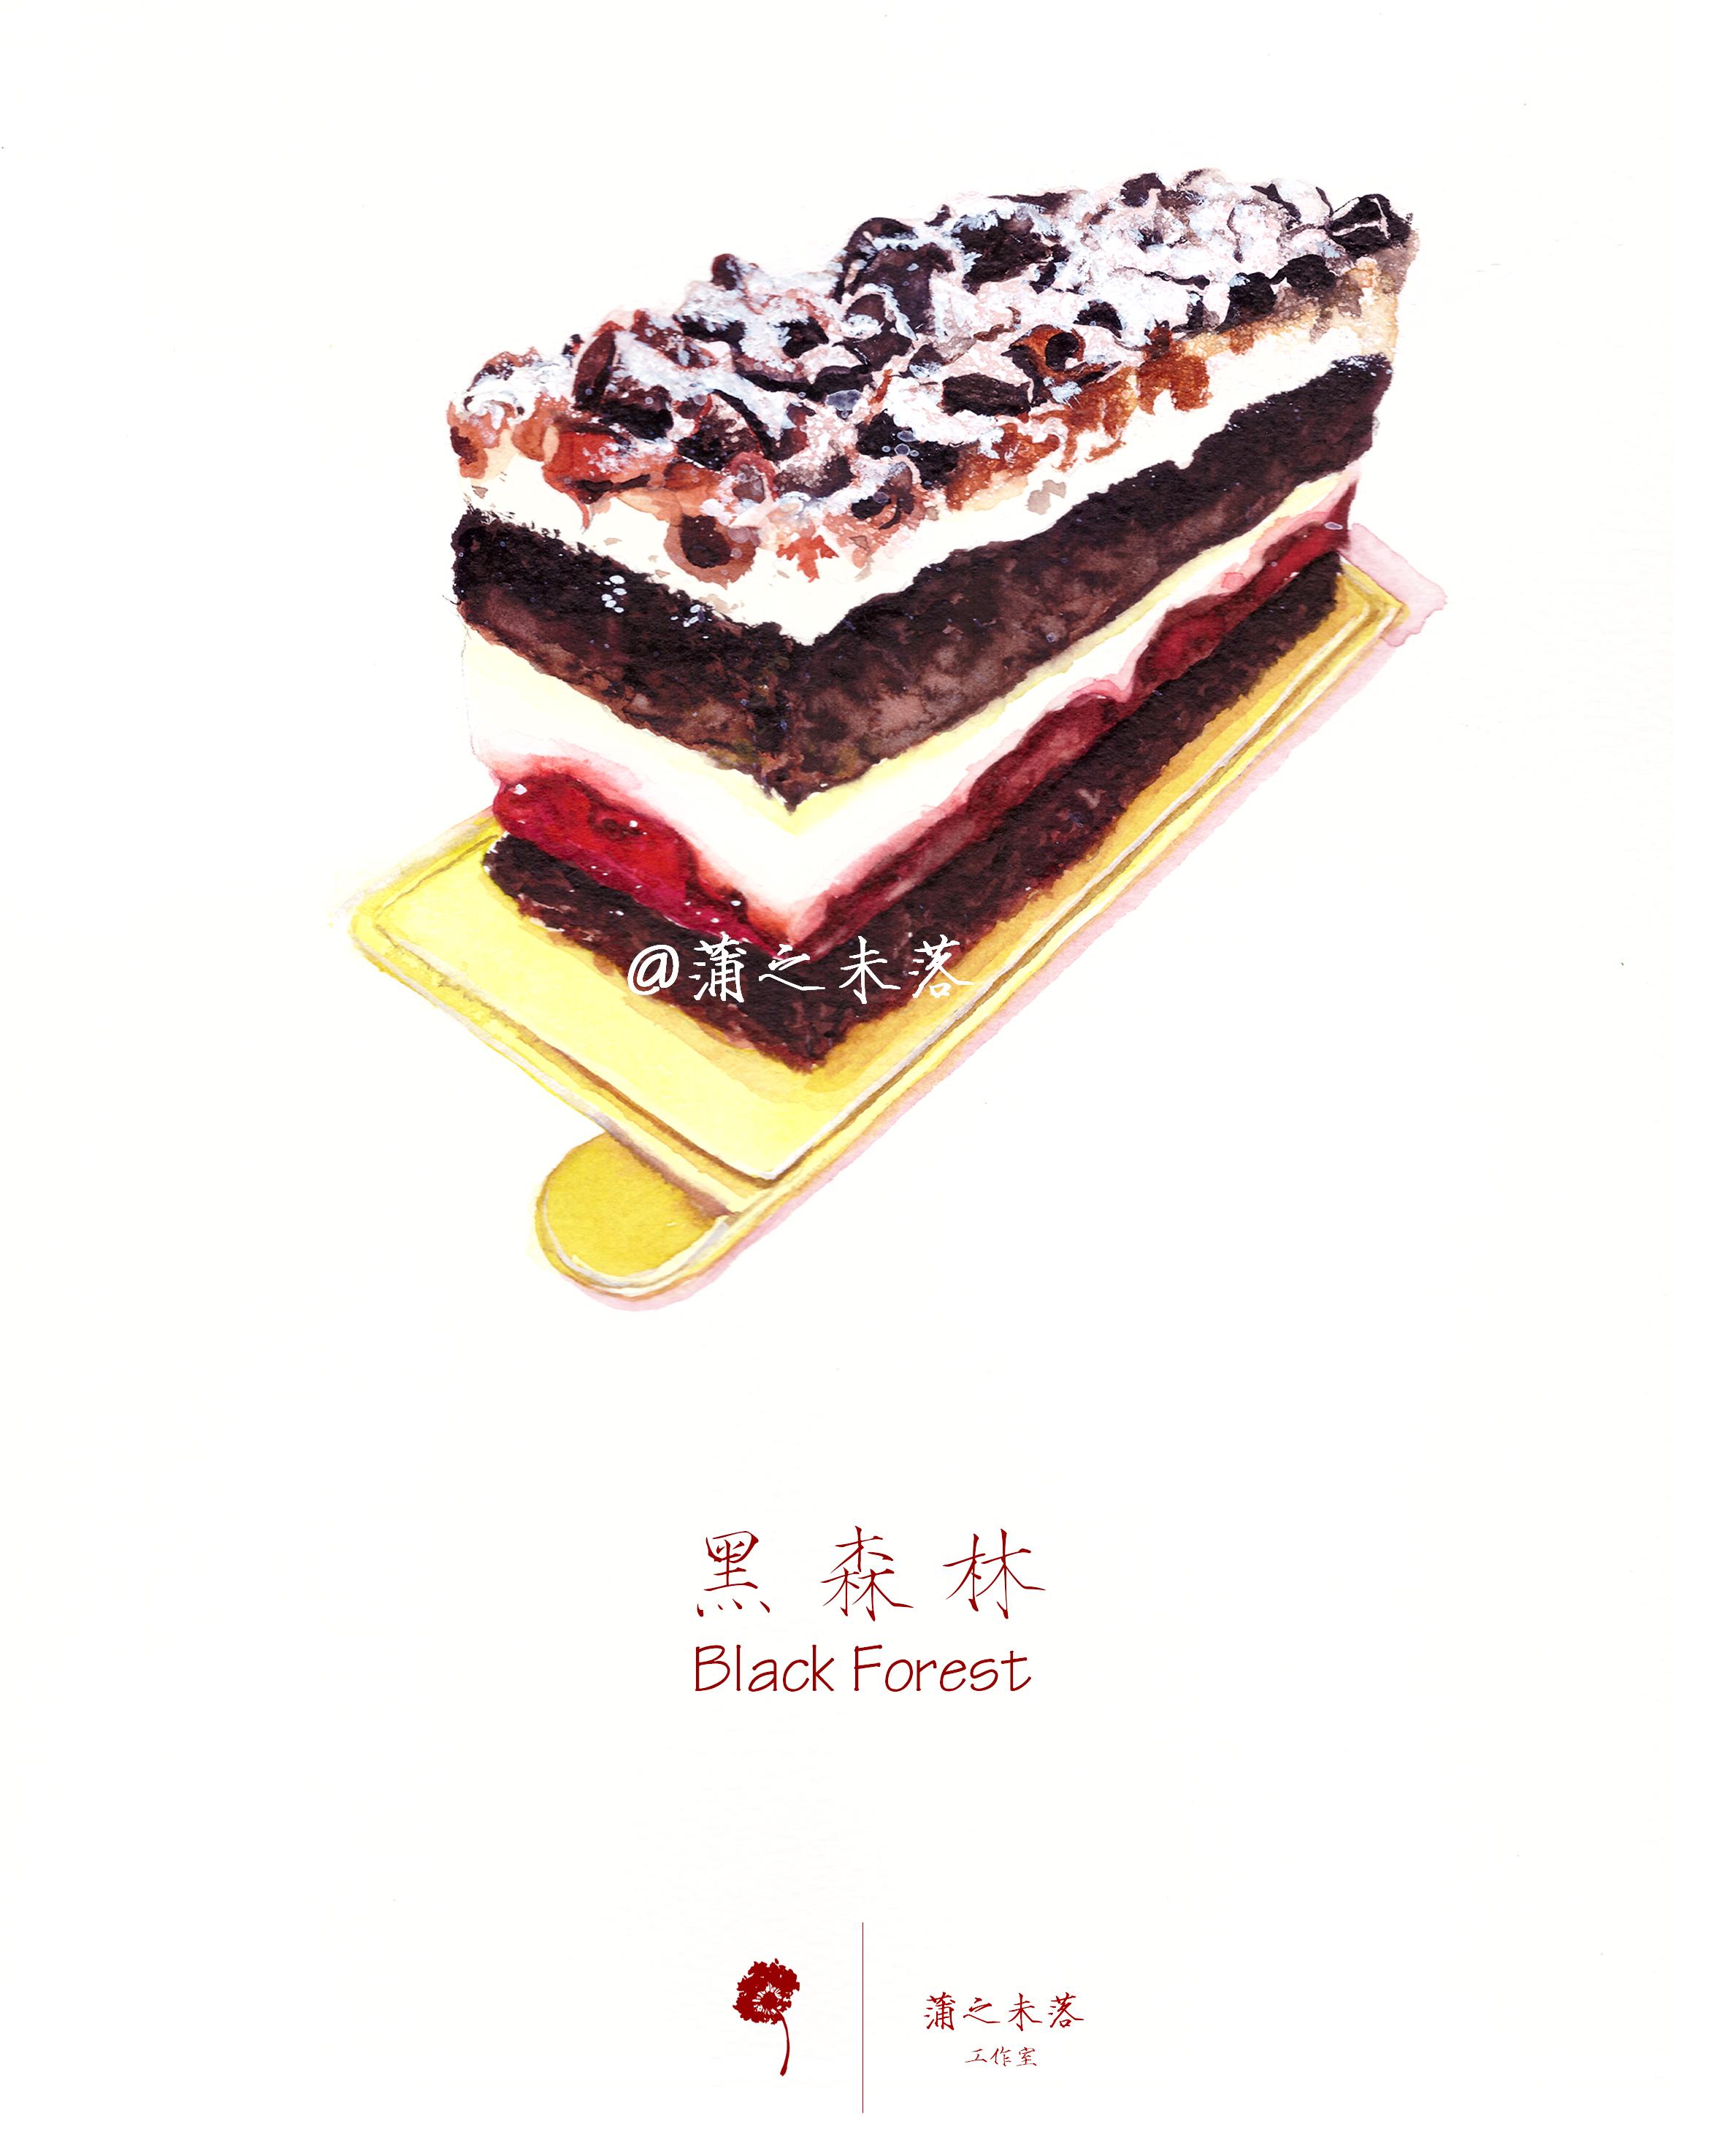 水彩手绘-甜品(黑森林)